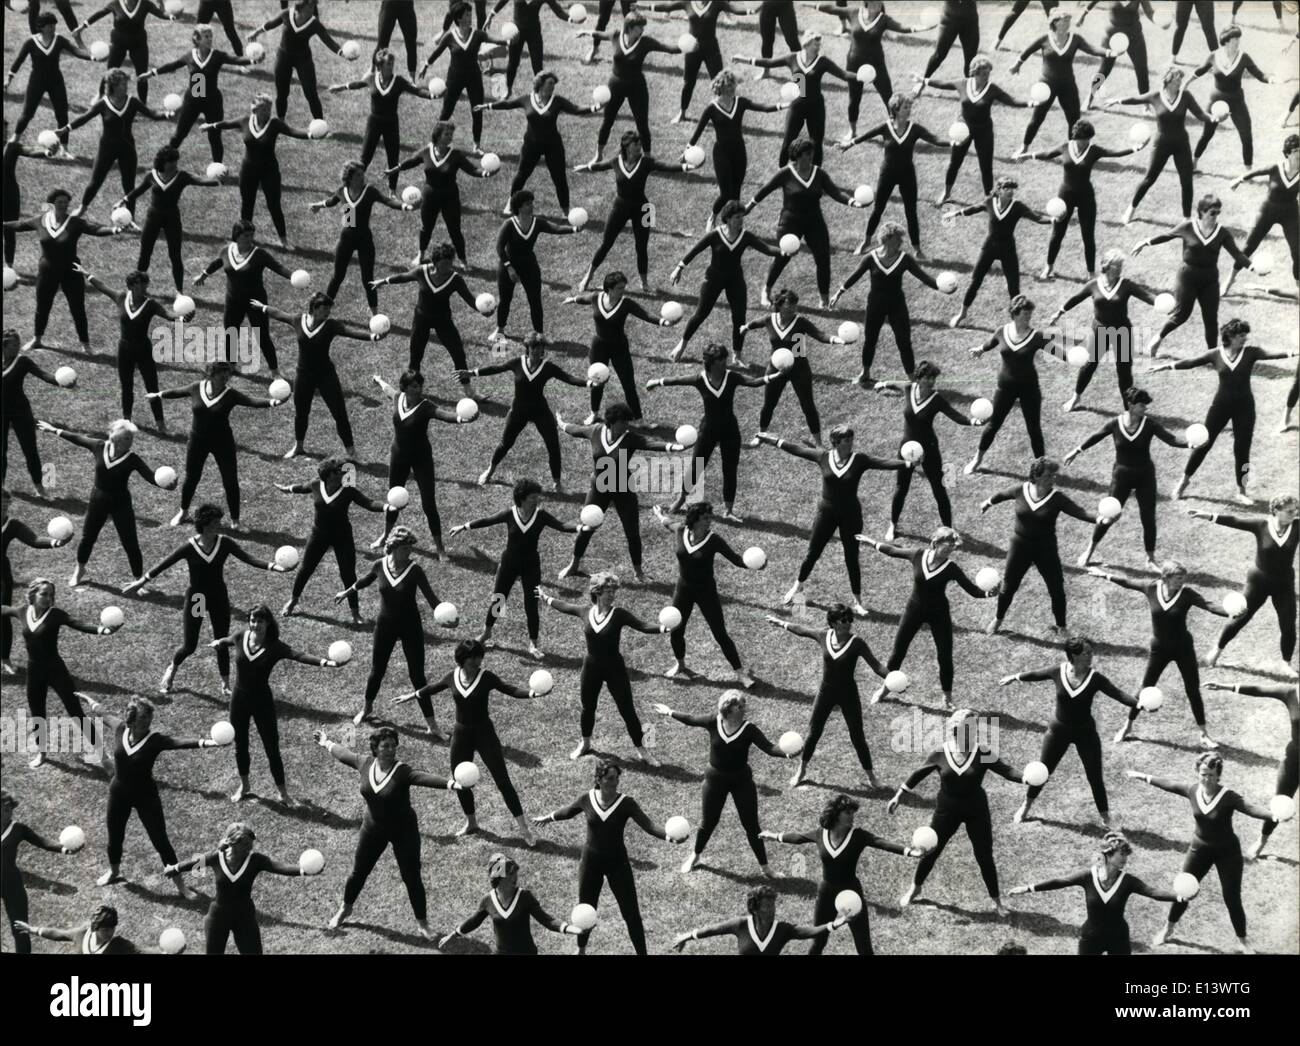 27 mar 2012 - Cerimonia di chiusura delle donne atletica. Affascinanti immagini alla fine delle donne atletica in inverno th~r (Zurigo), Svizzera: dopo 4 giorni di grande successo per competizioni atletiche di 20.000 donne prendono parte e mostrano il loro esercizi. Immagini Stock